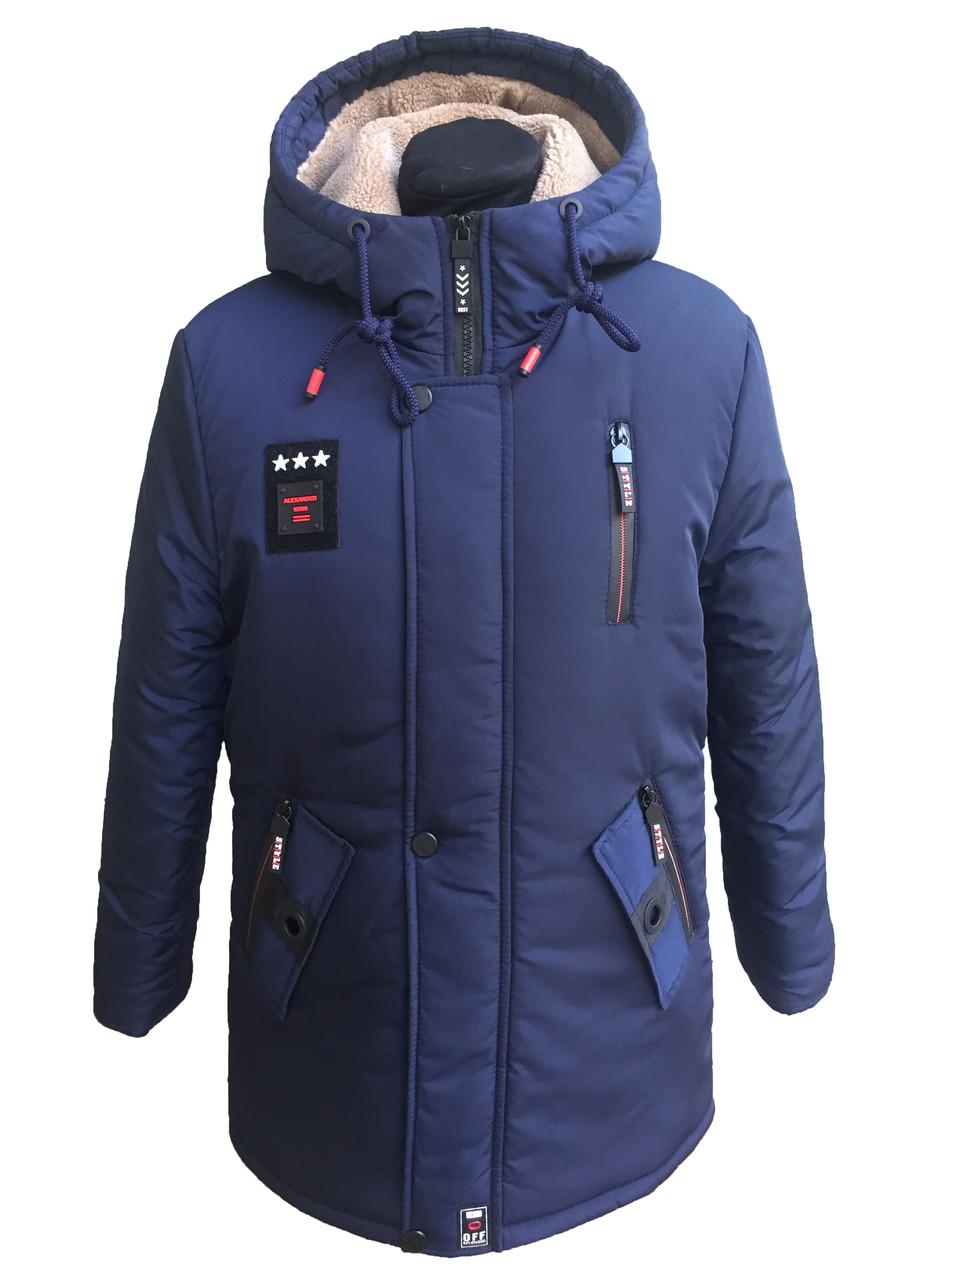 Зимняя удлиненная куртка-парка на мальчика подростка на овчине рост 140-160